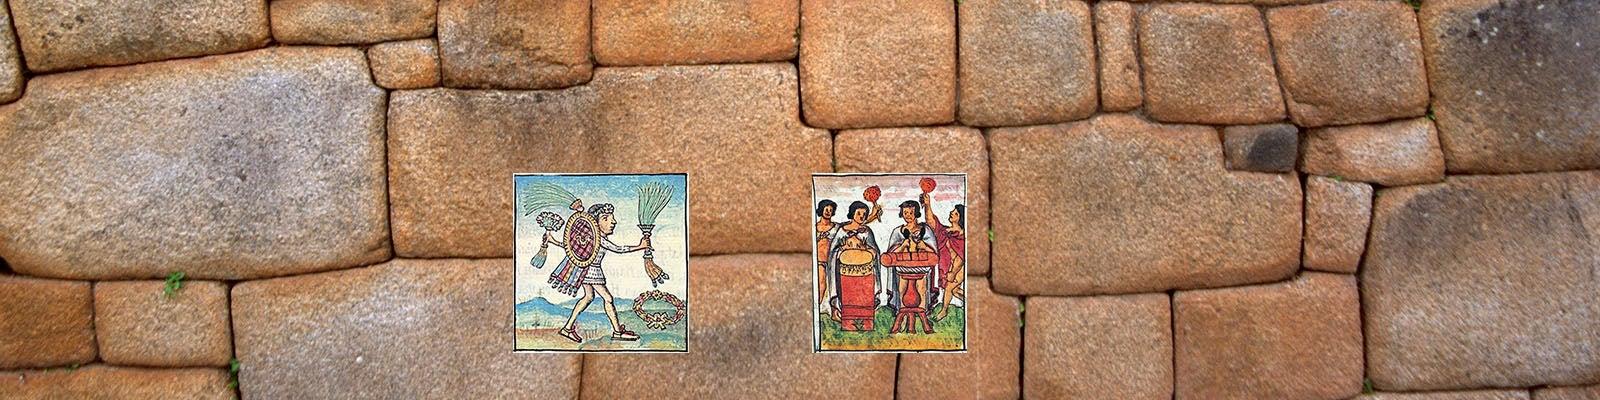 Tribal Art Antiques